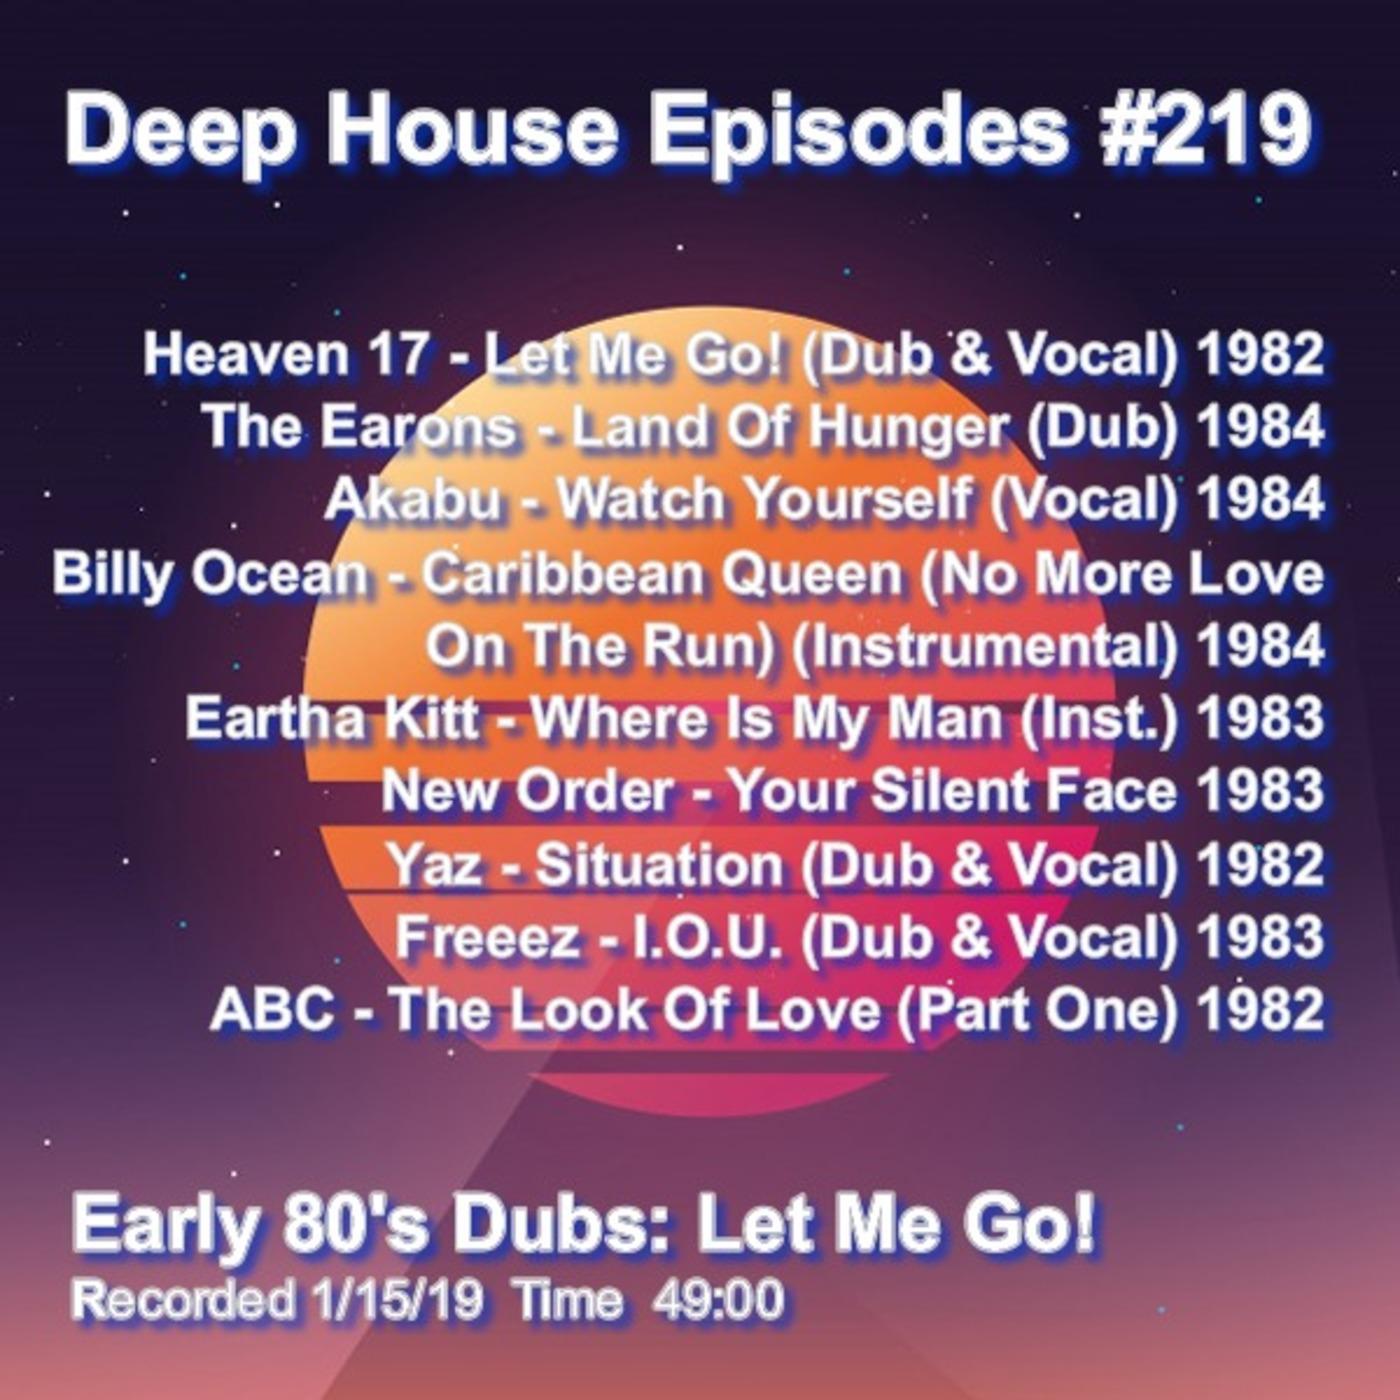 Deep House Episodes